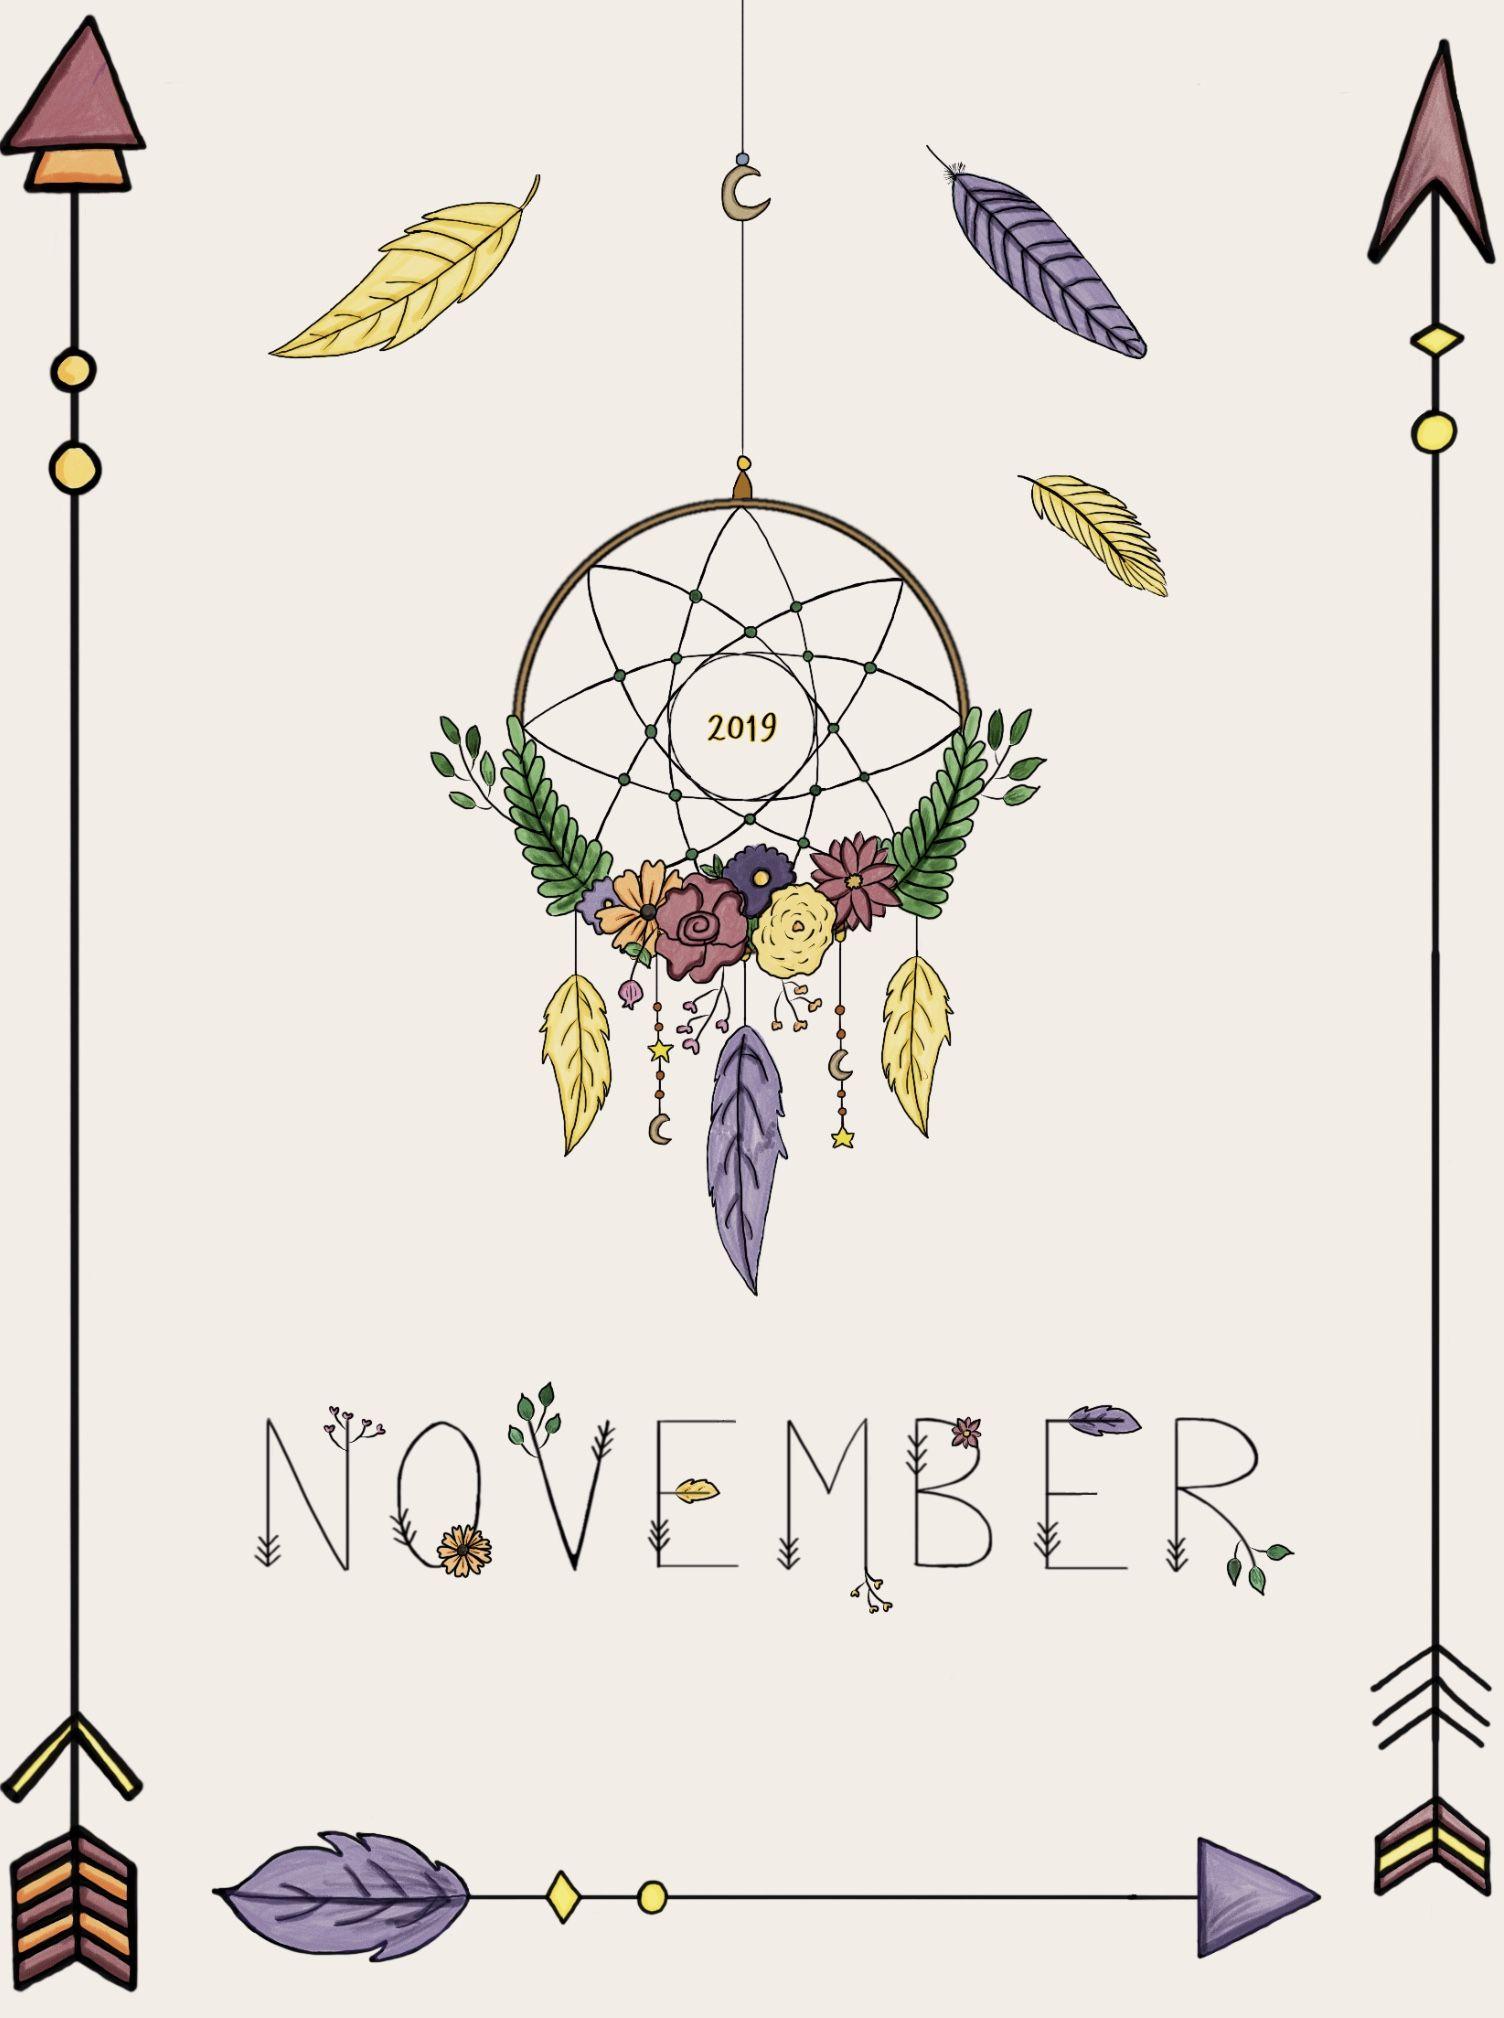 November Bullet Journal Cover Page - Procreate #novemberbulletjournalcover